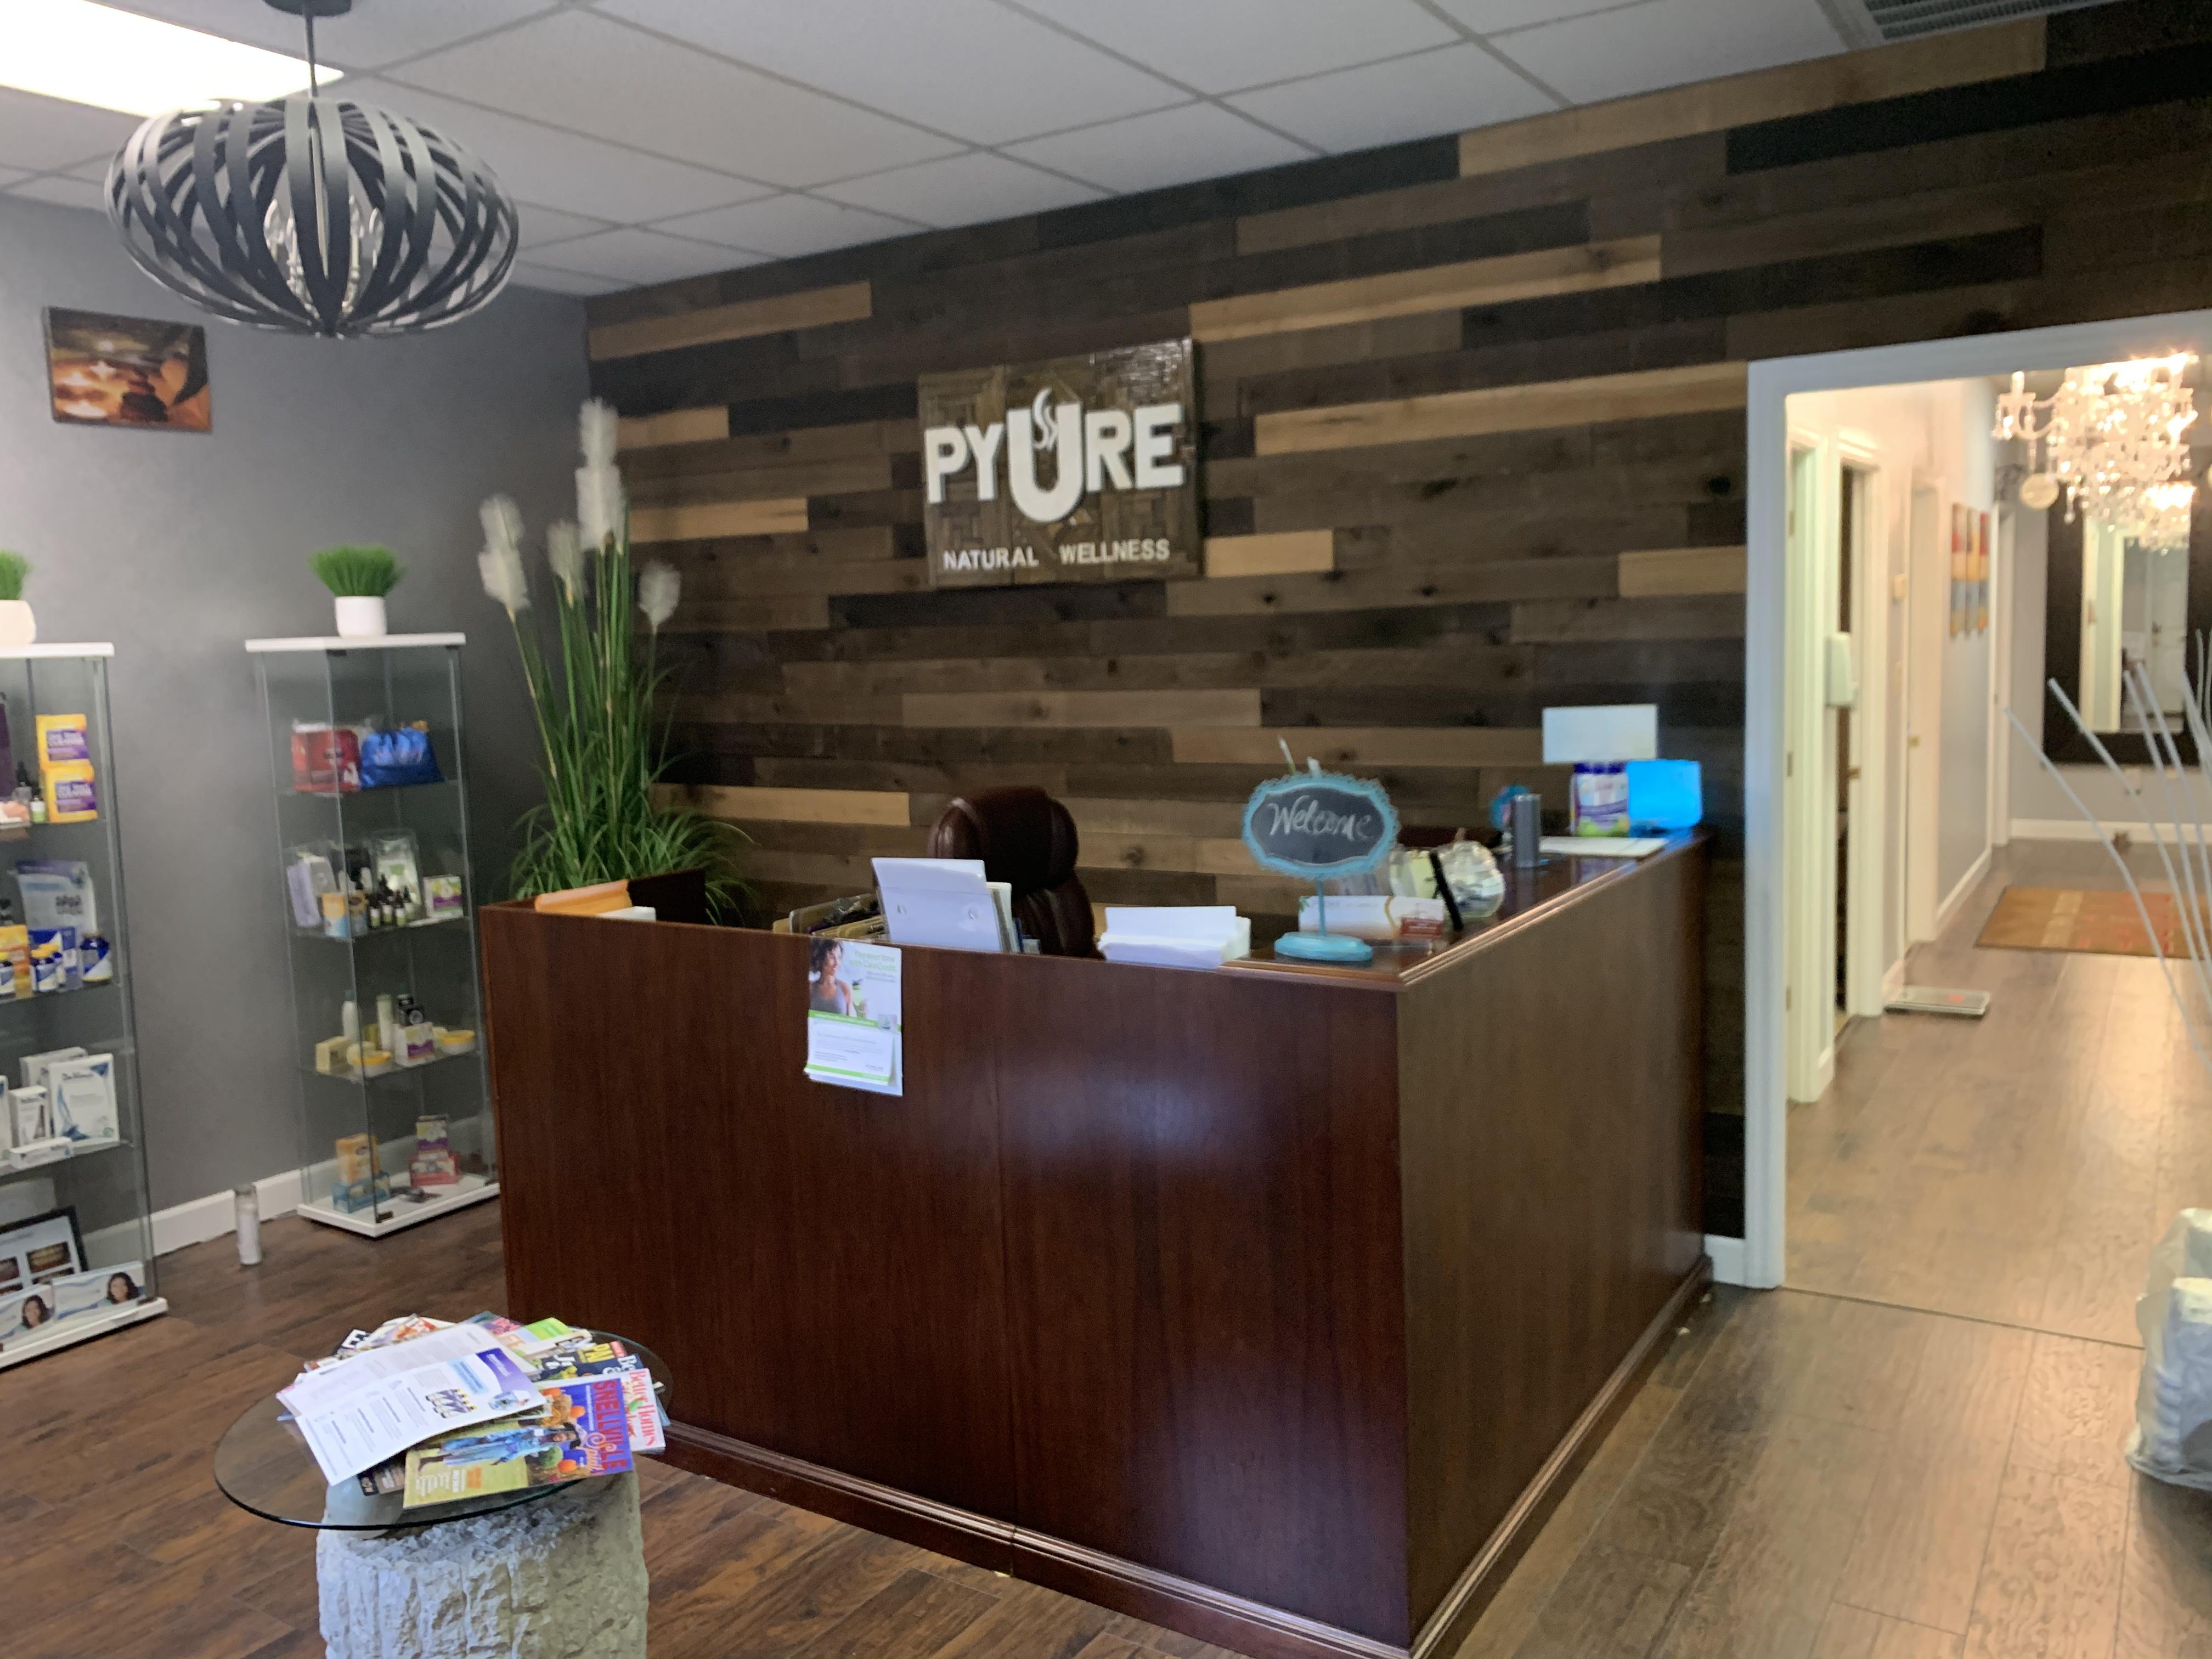 Pyure Natural Wellness IMG_6762 Home